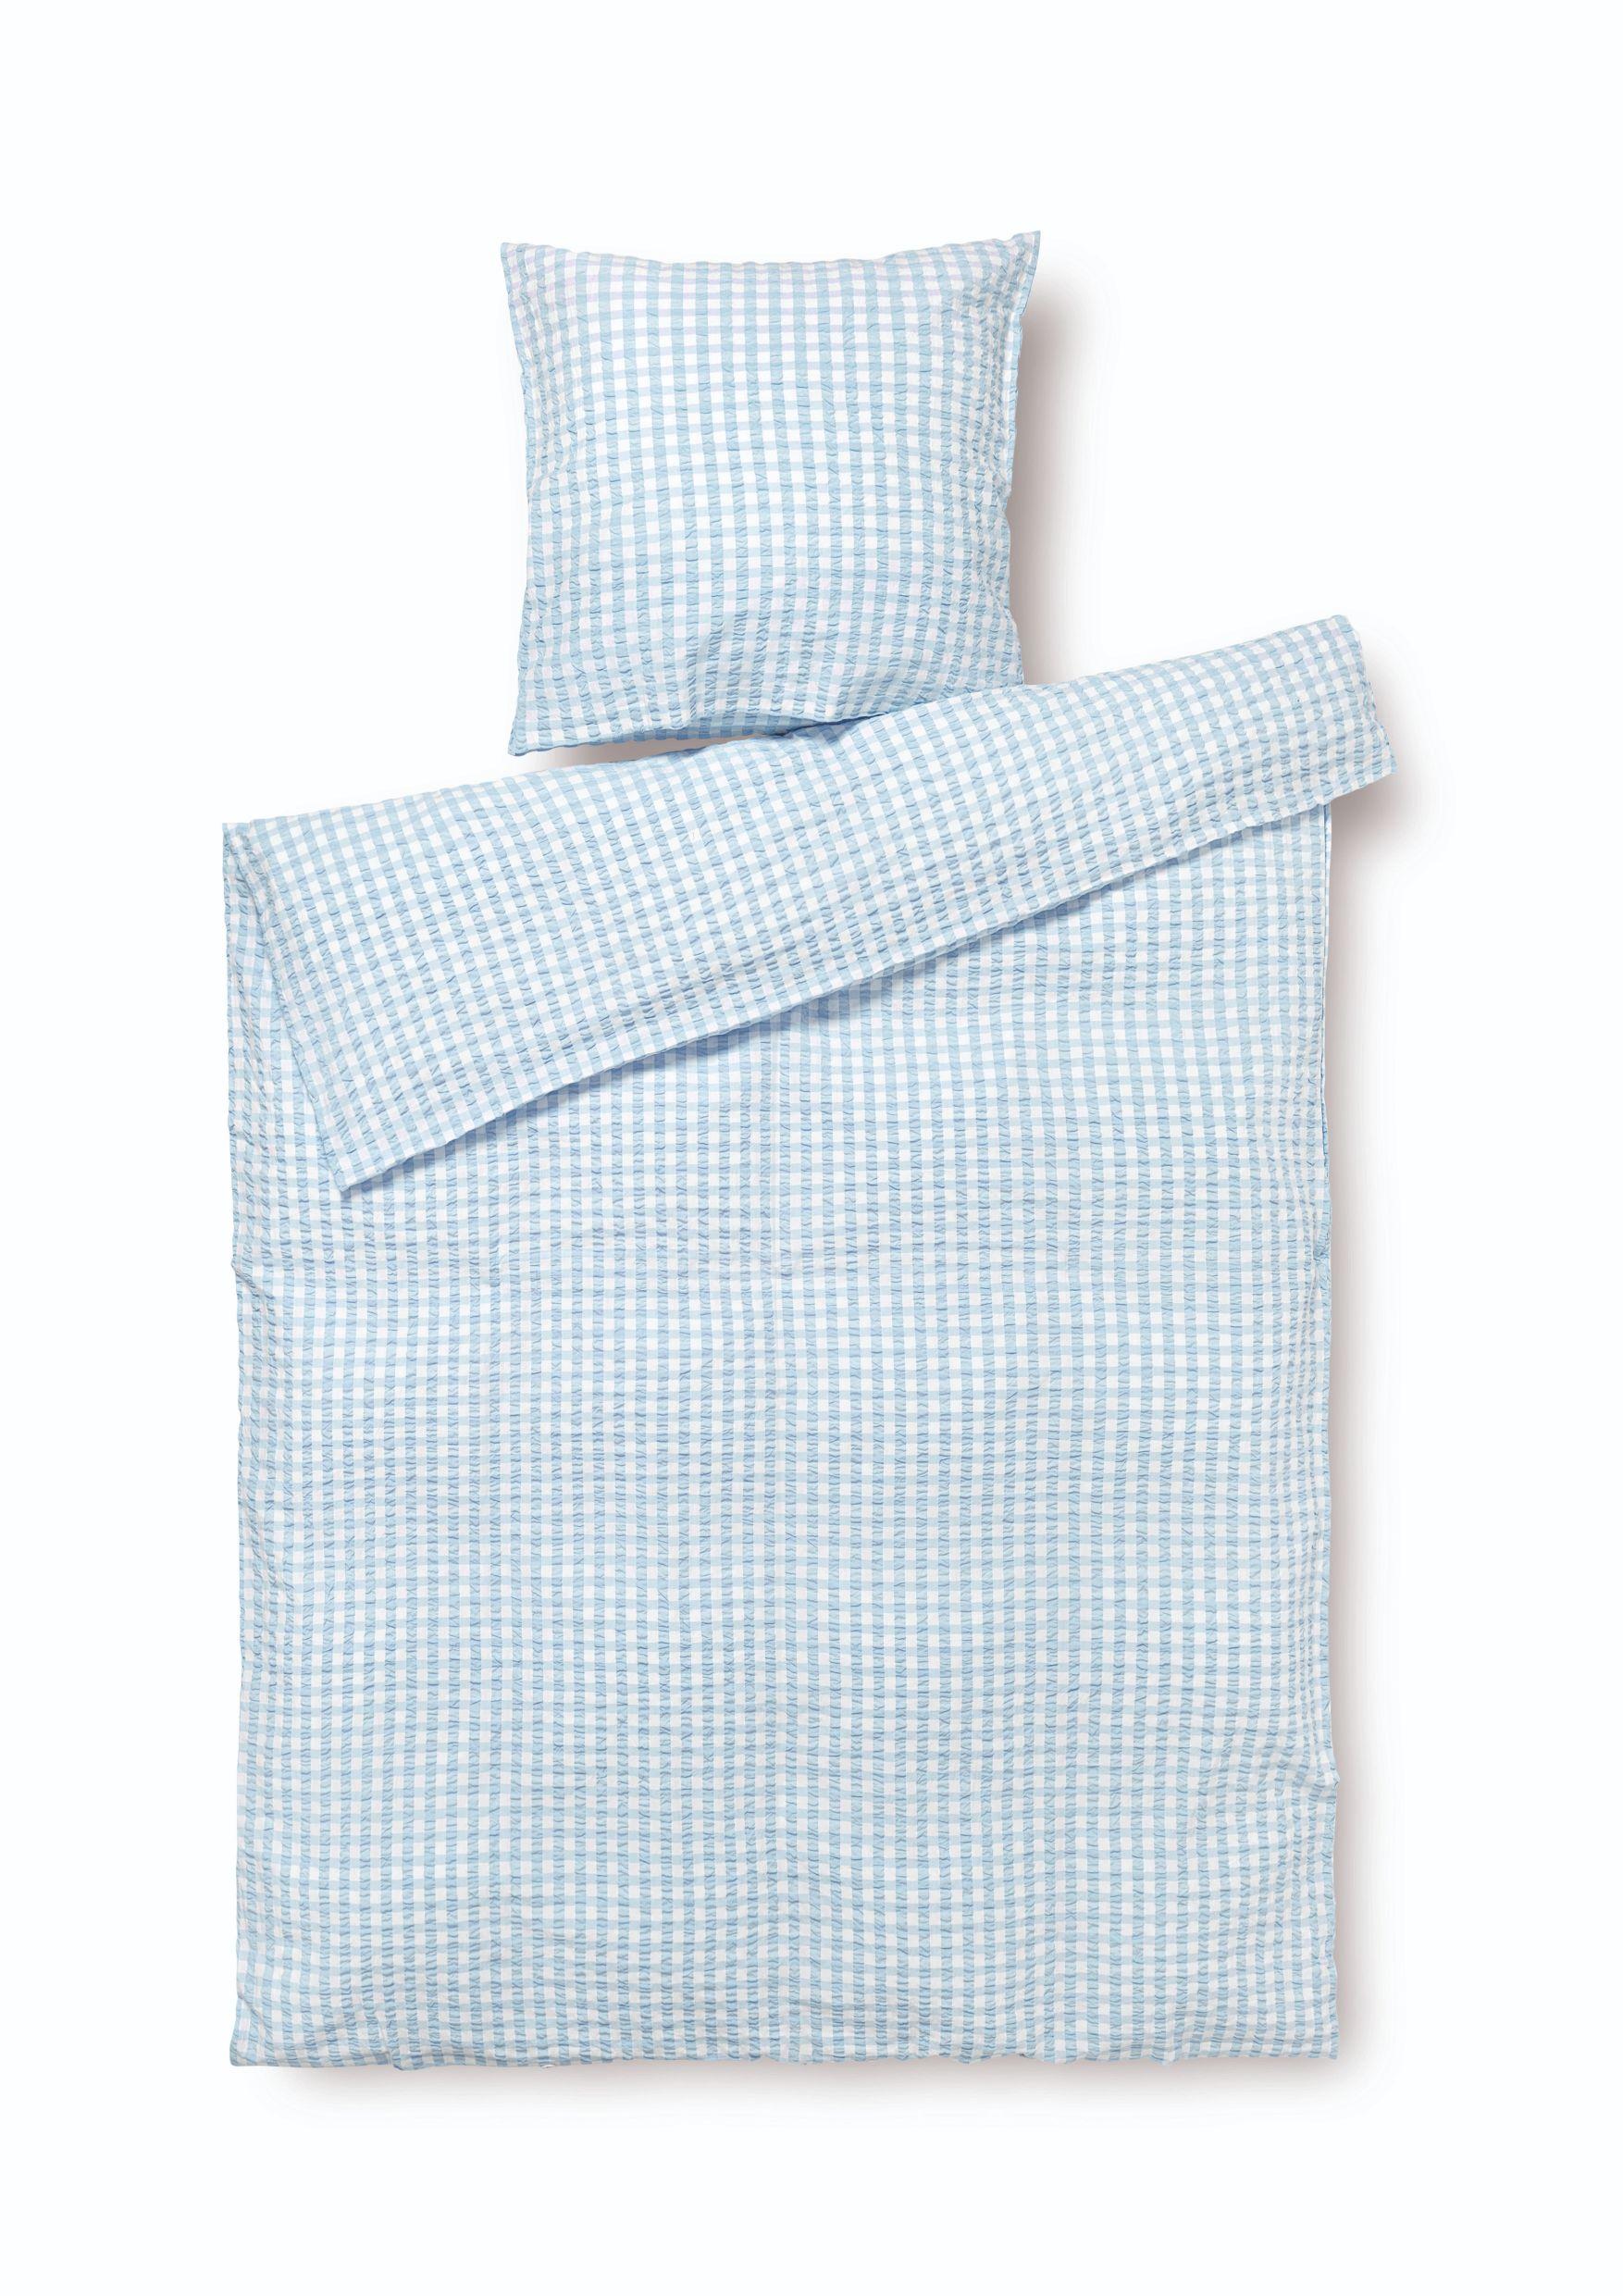 Juna Bæk&Bølge sengelinned, 140x200 cm, lysblå